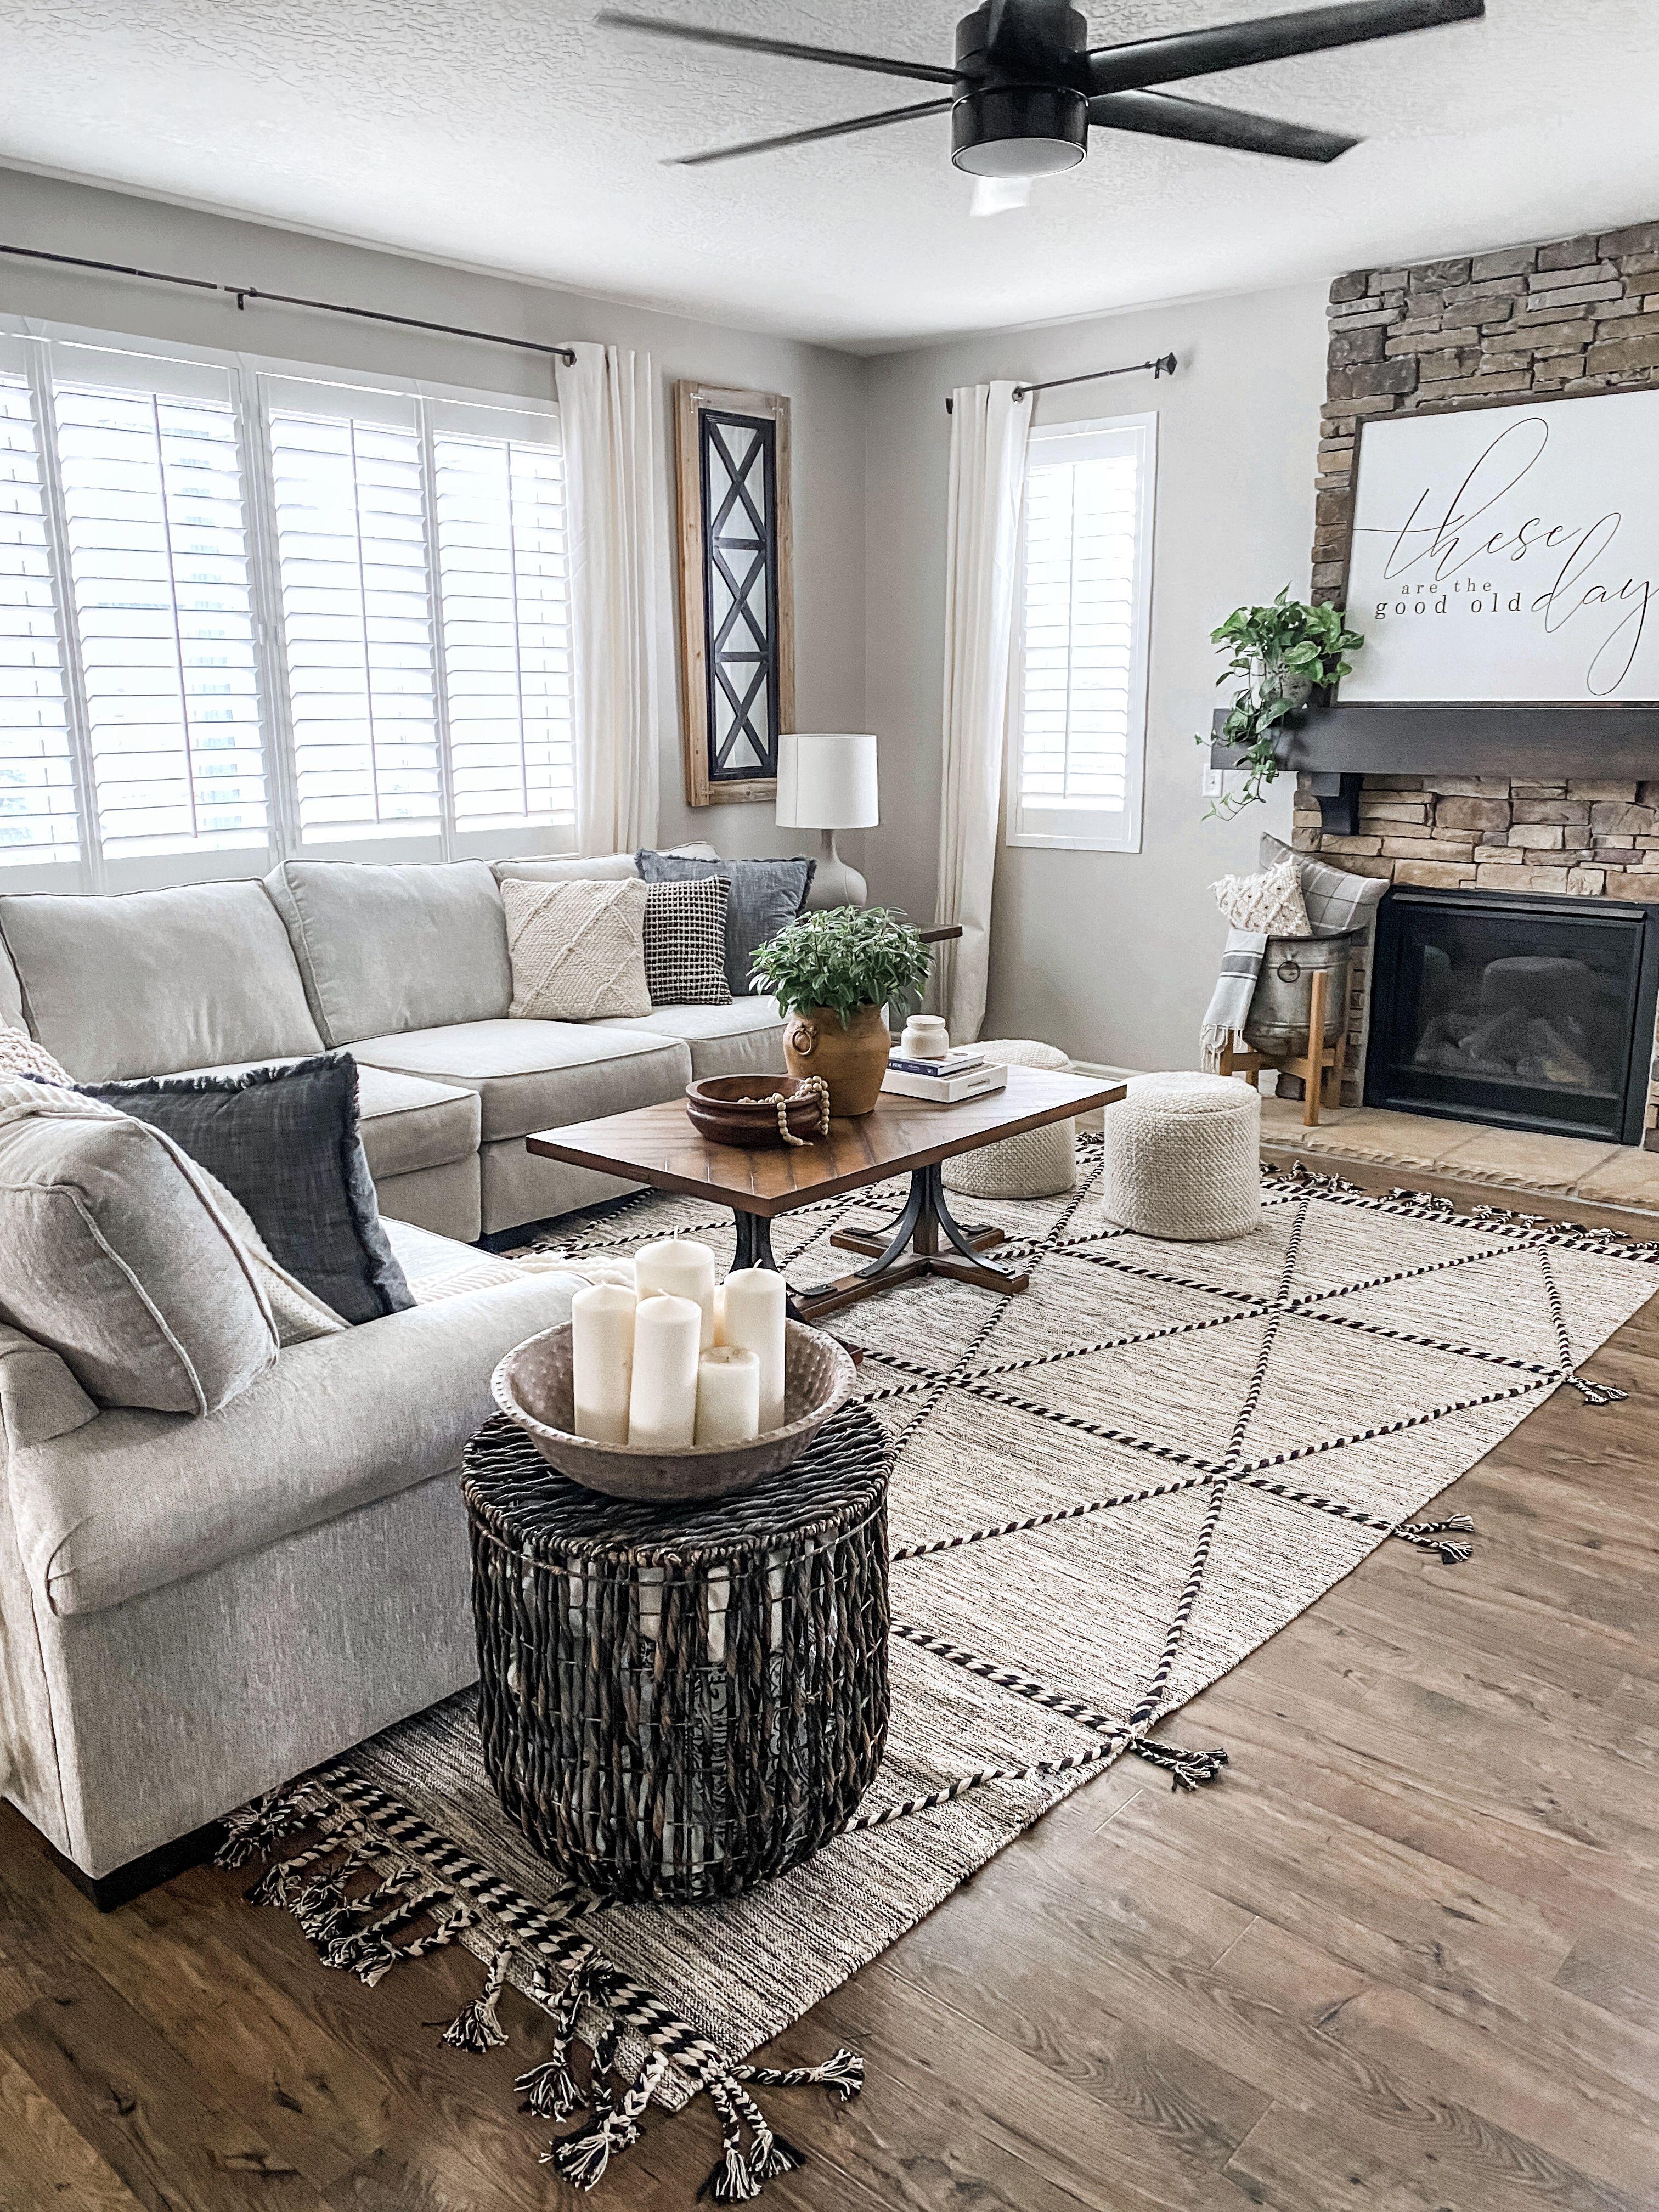 Living Room Ceiling Fan In 2020